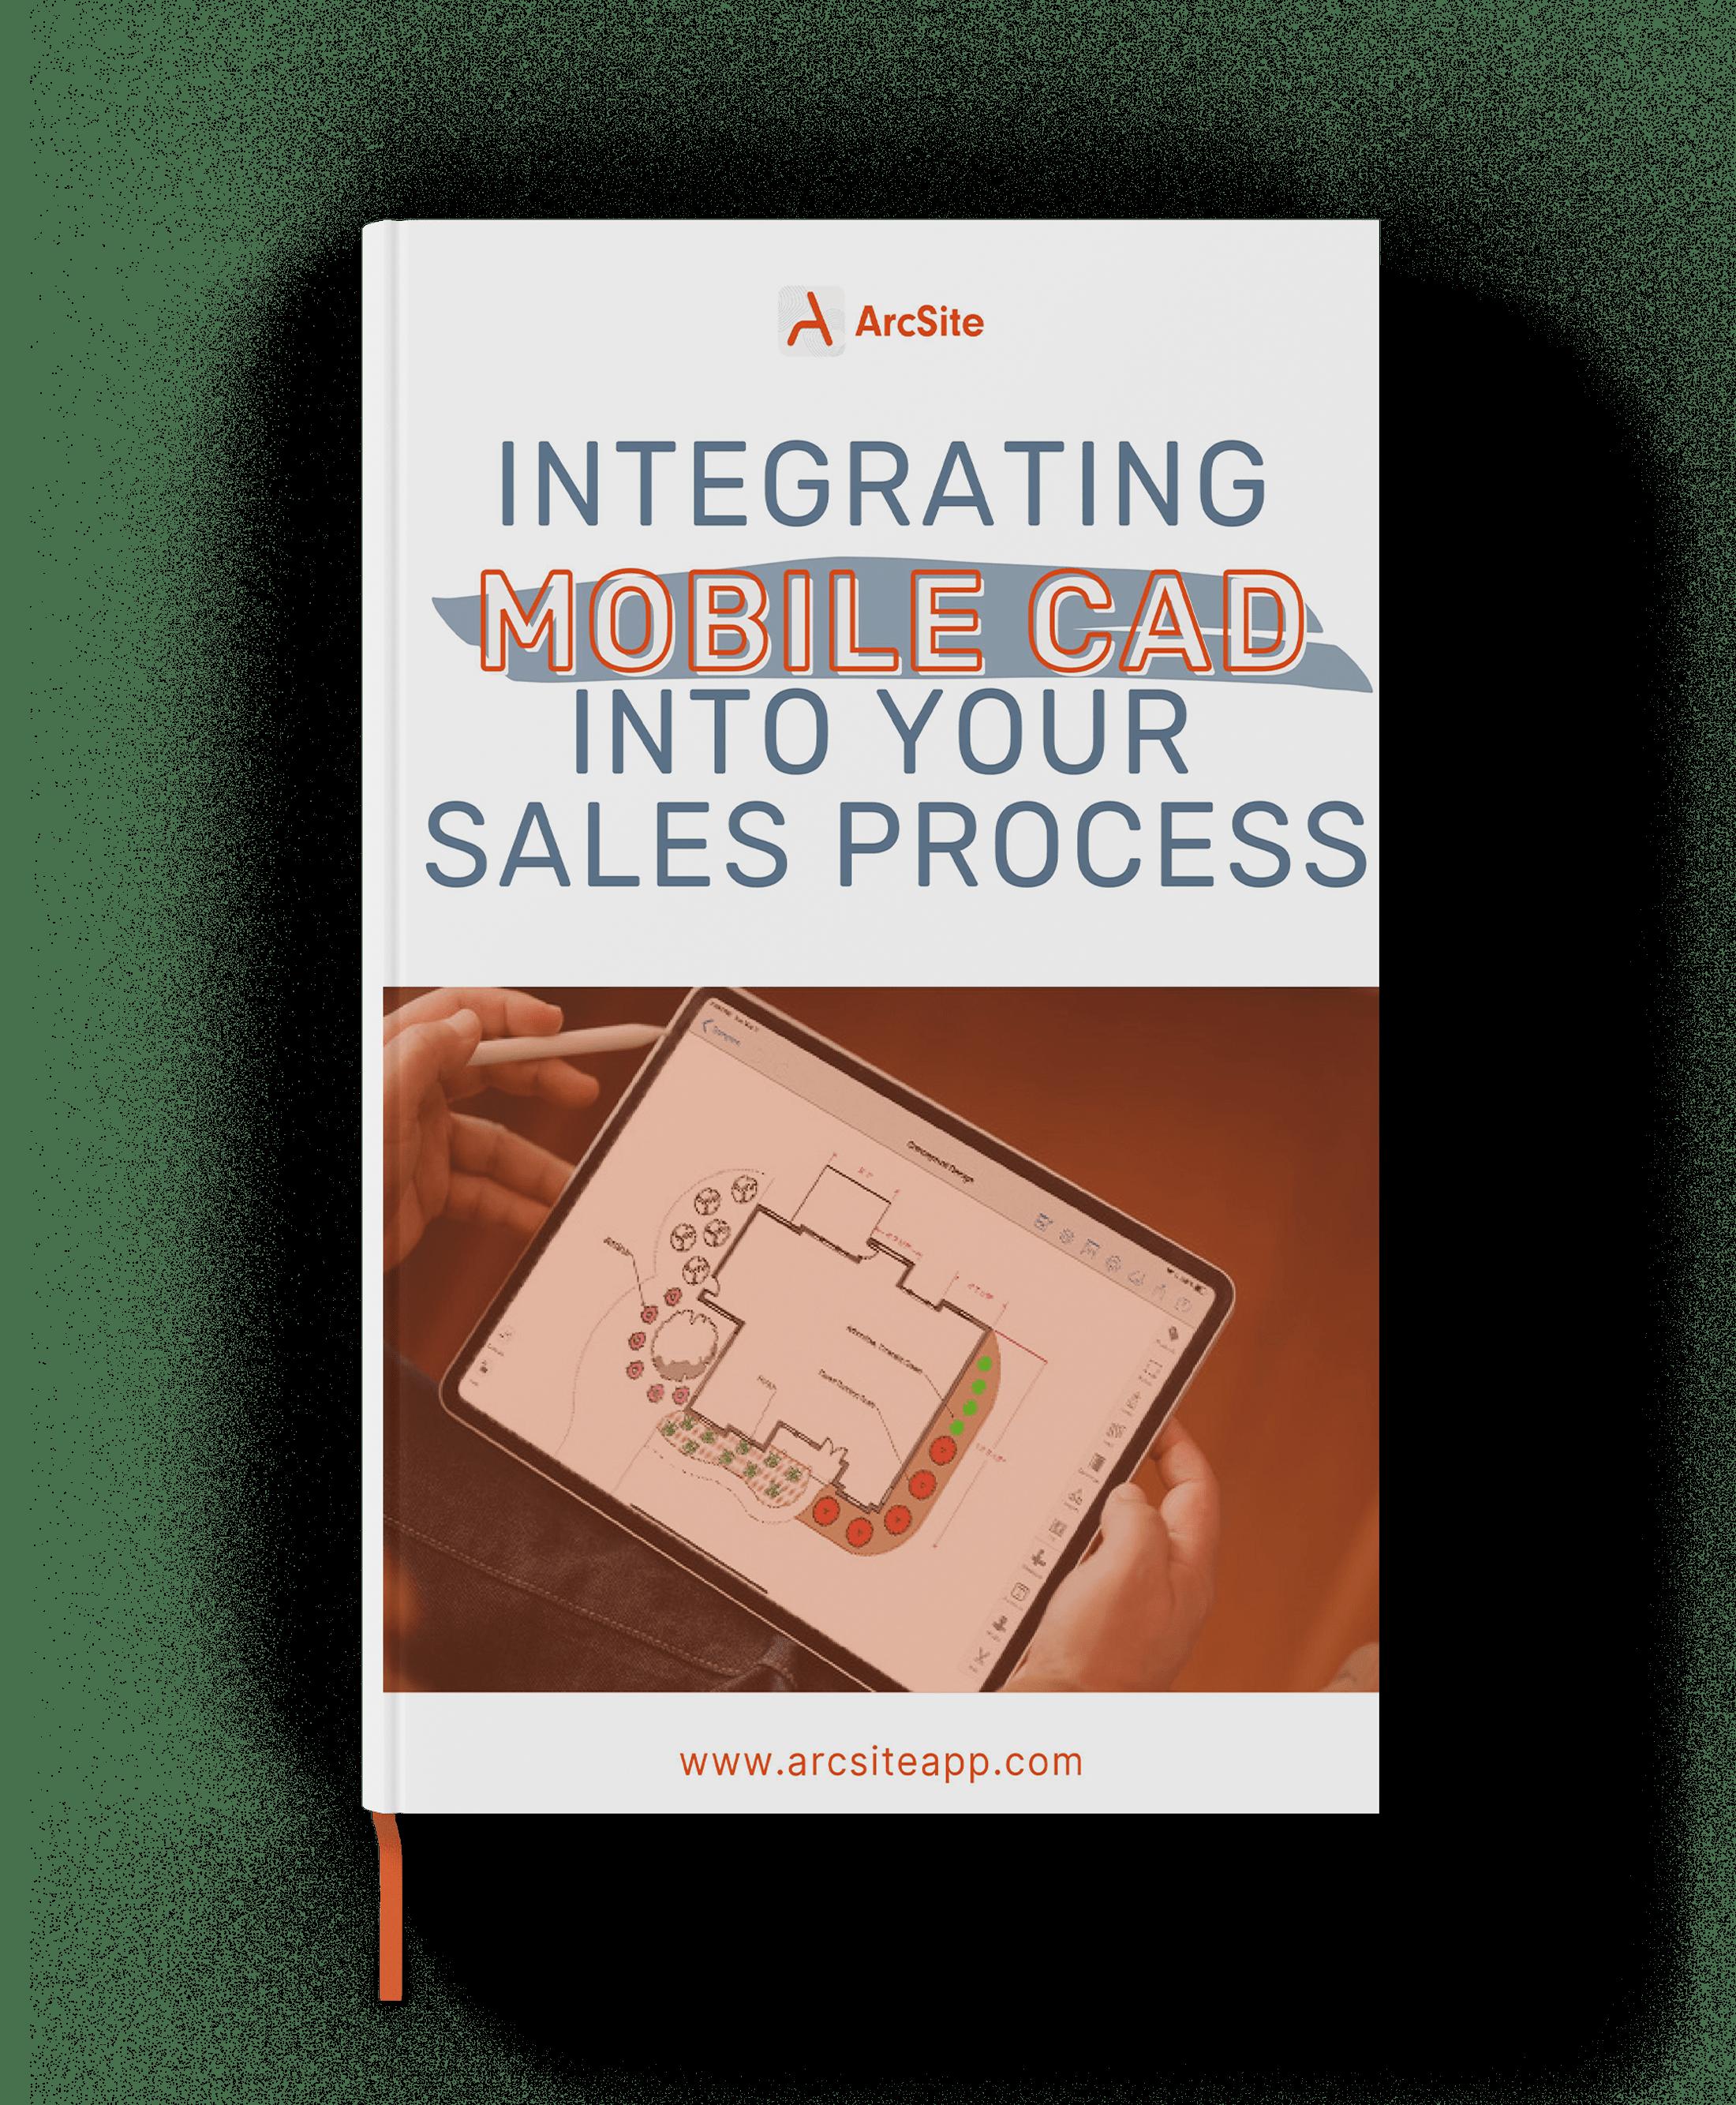 Integrating CAD into Sales Process Book Mockup-min